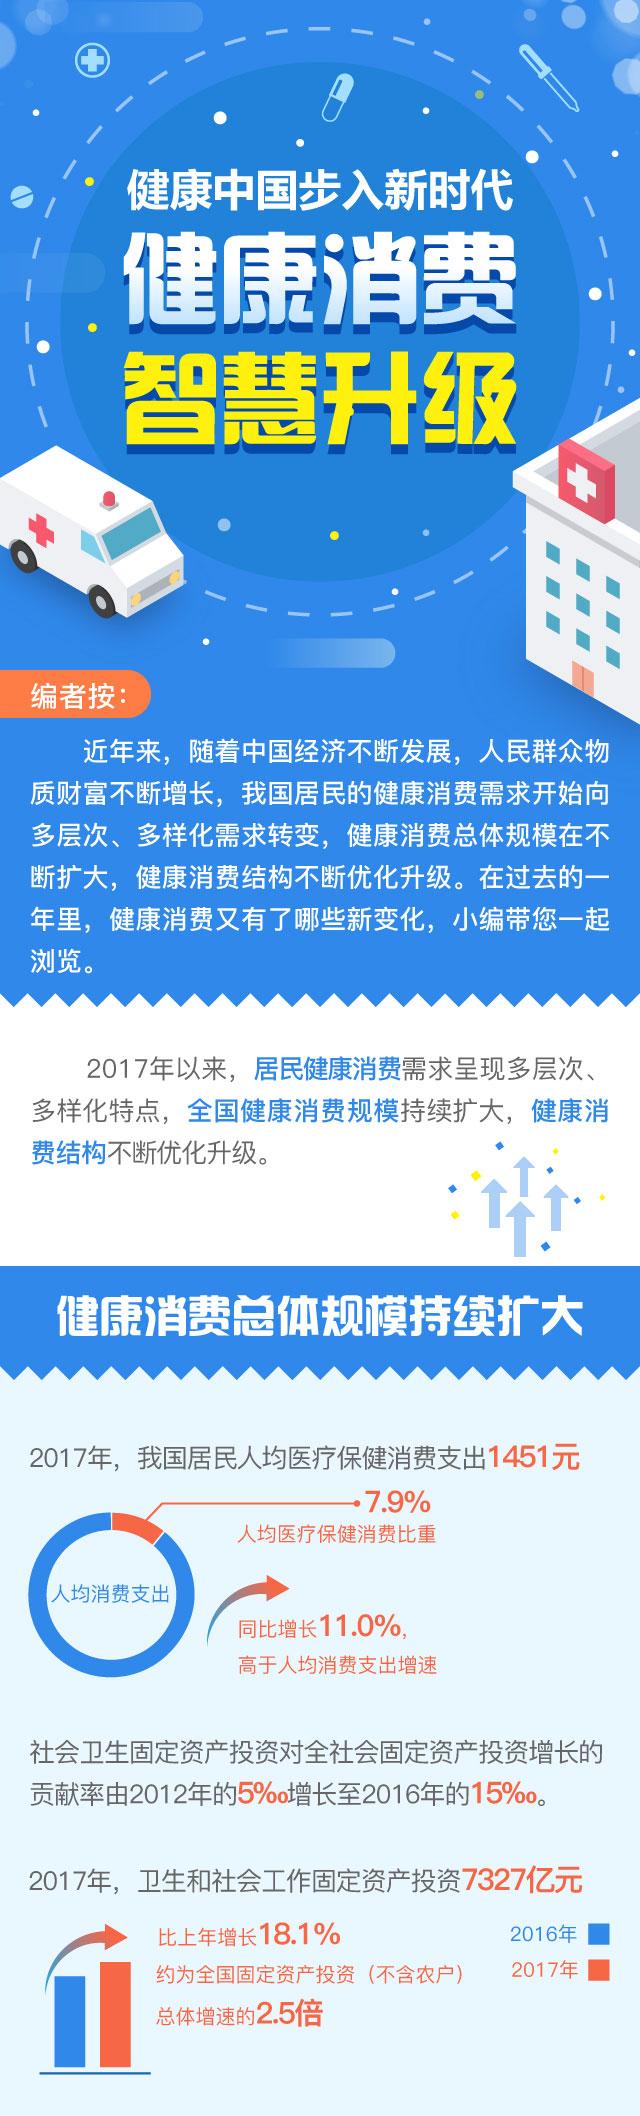 图解丨健康中国步入新时代 健康消费智慧升级